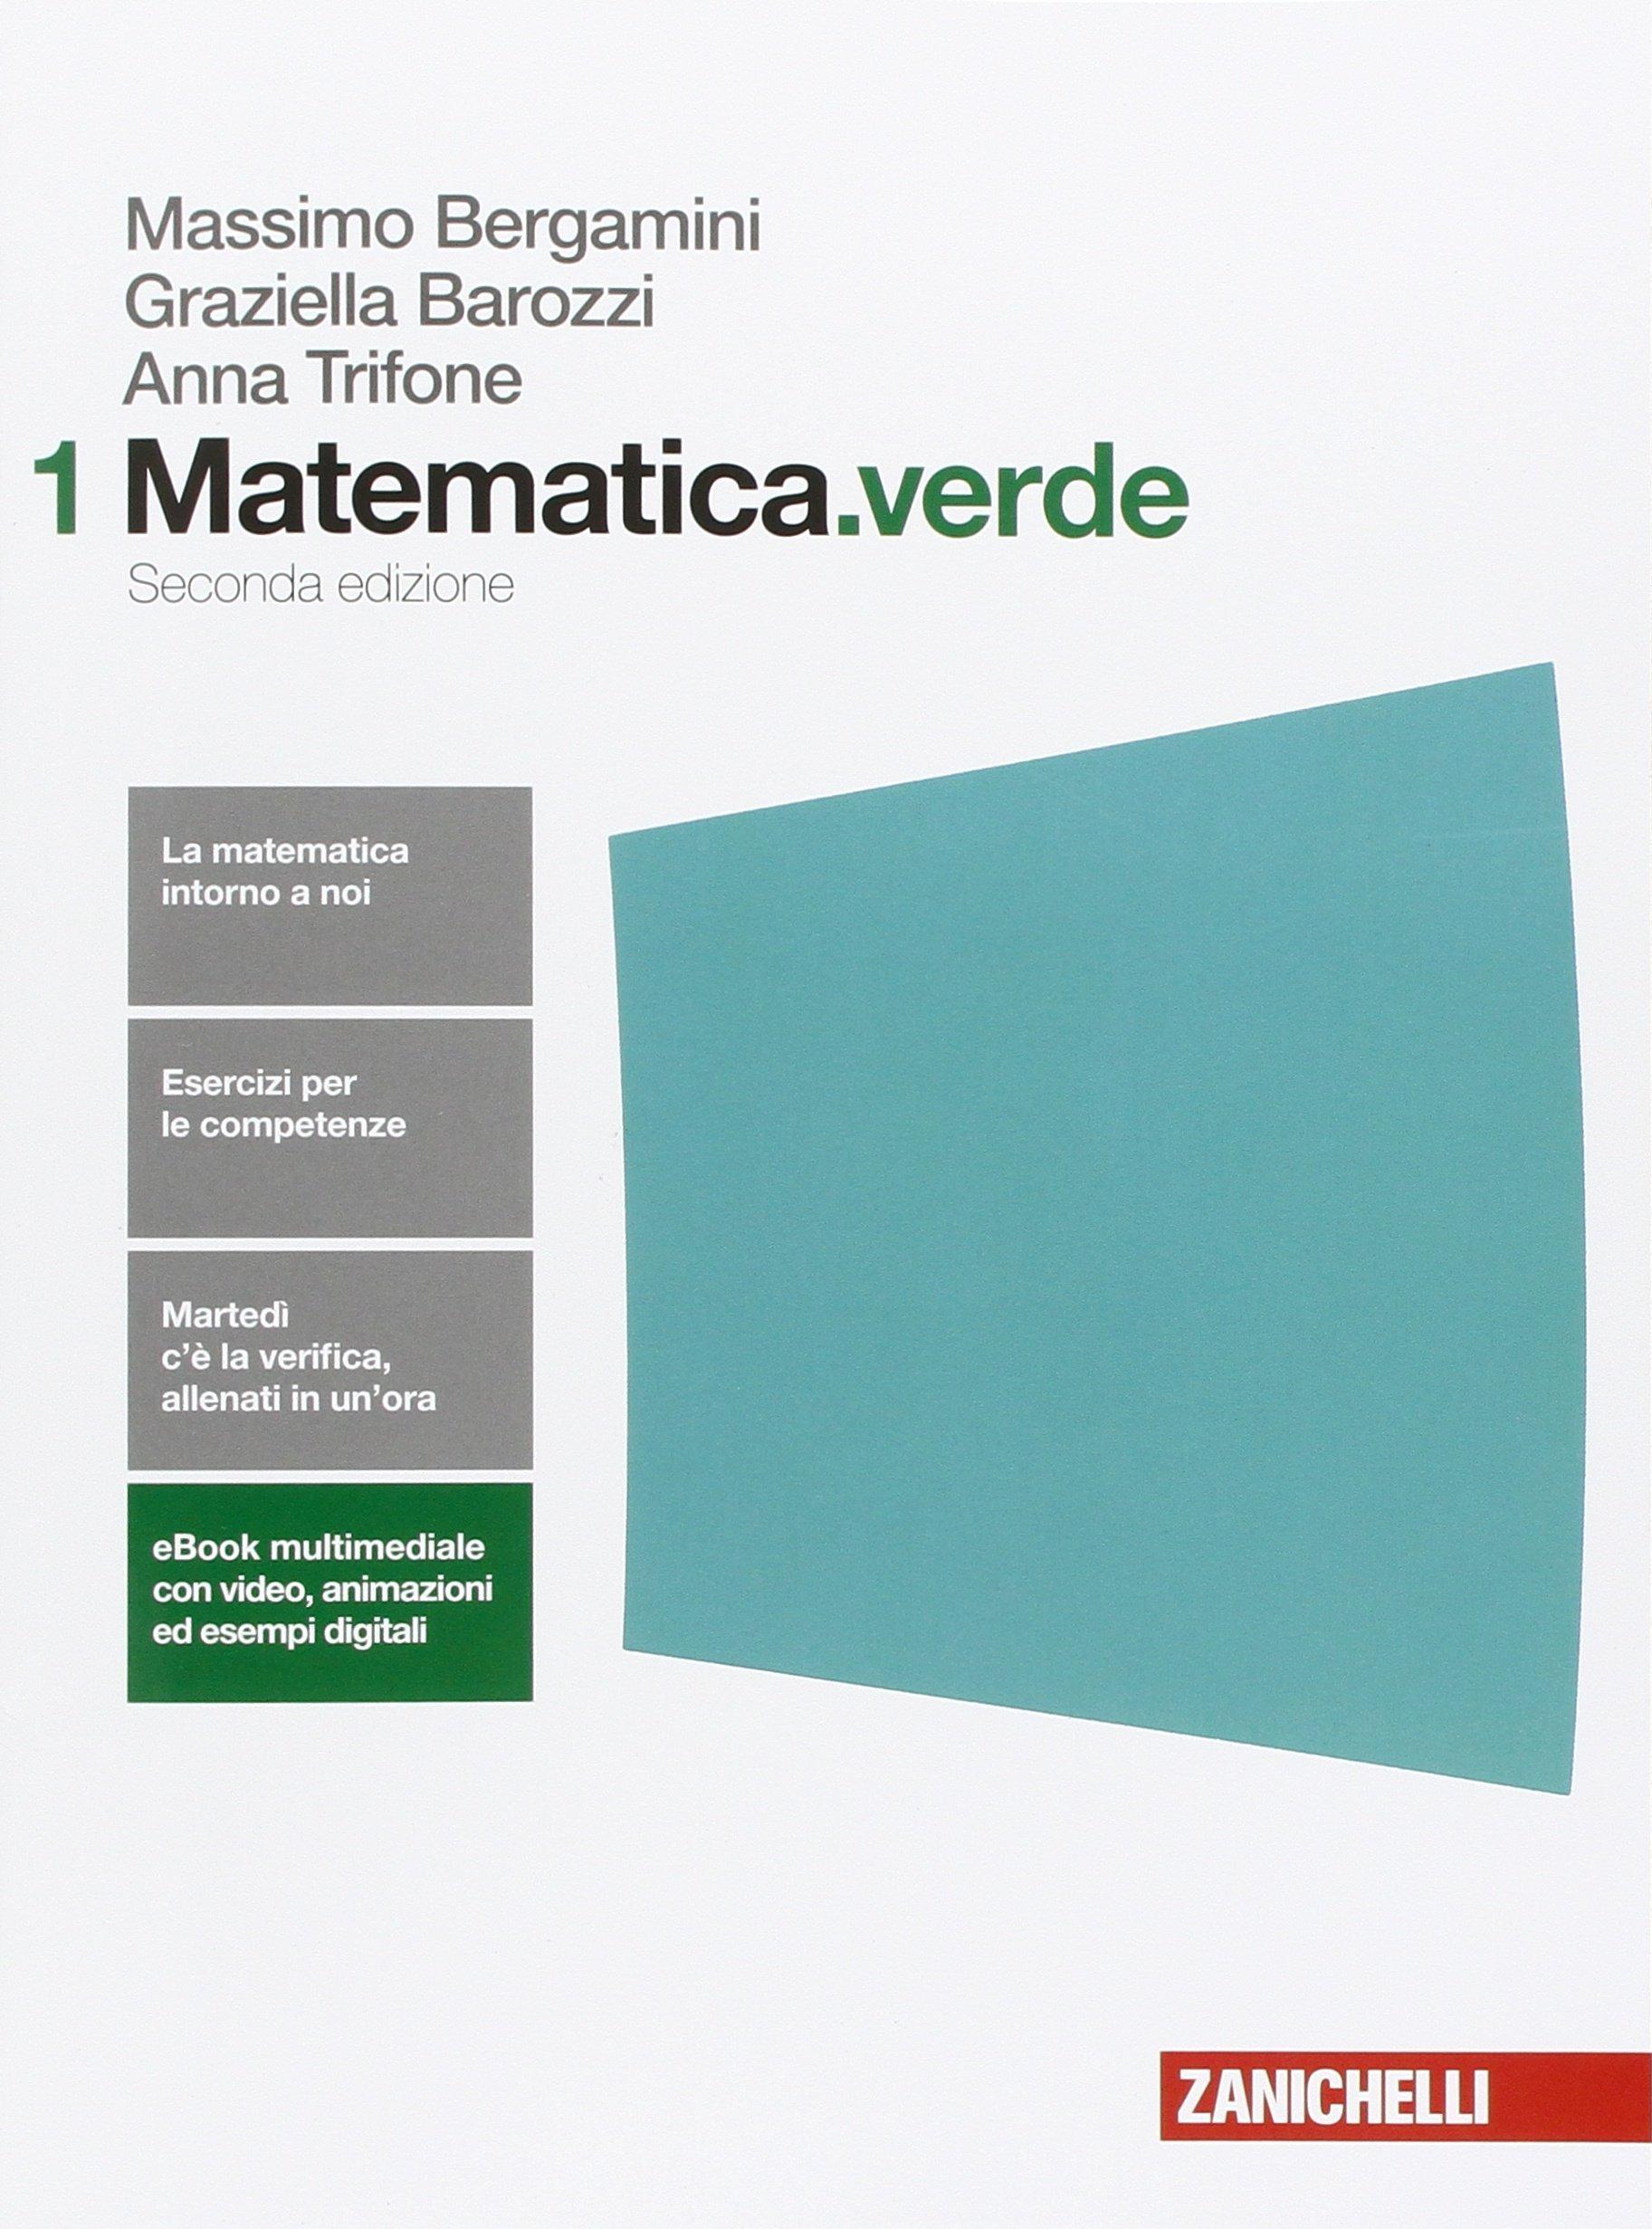 Matematica.verde 1, libro di matematica per le scuole superiori